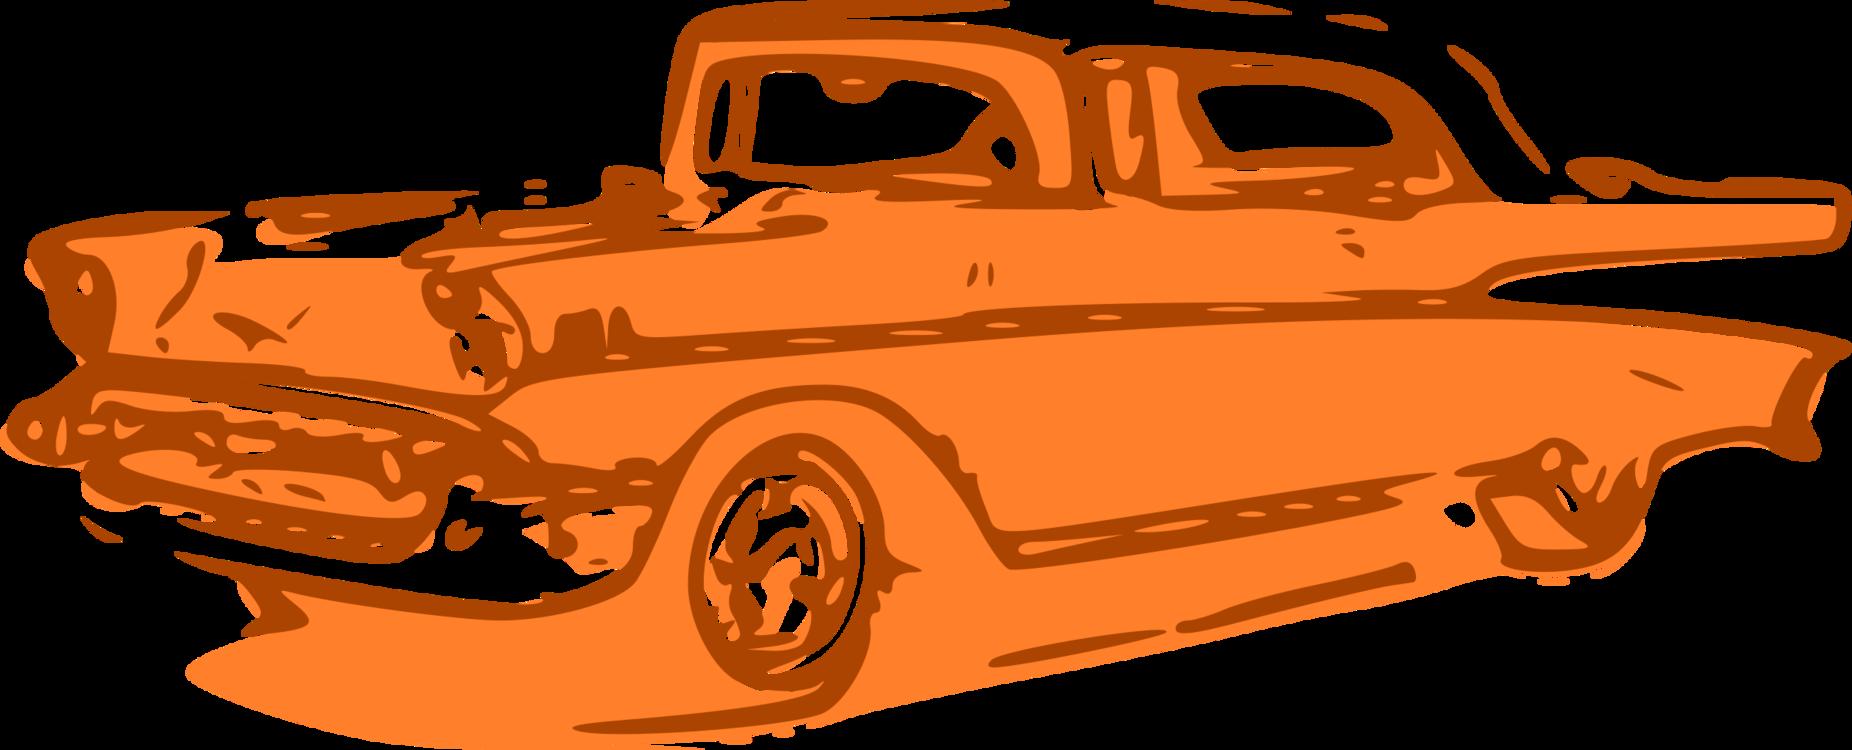 Car,Model Car,Motor Vehicle